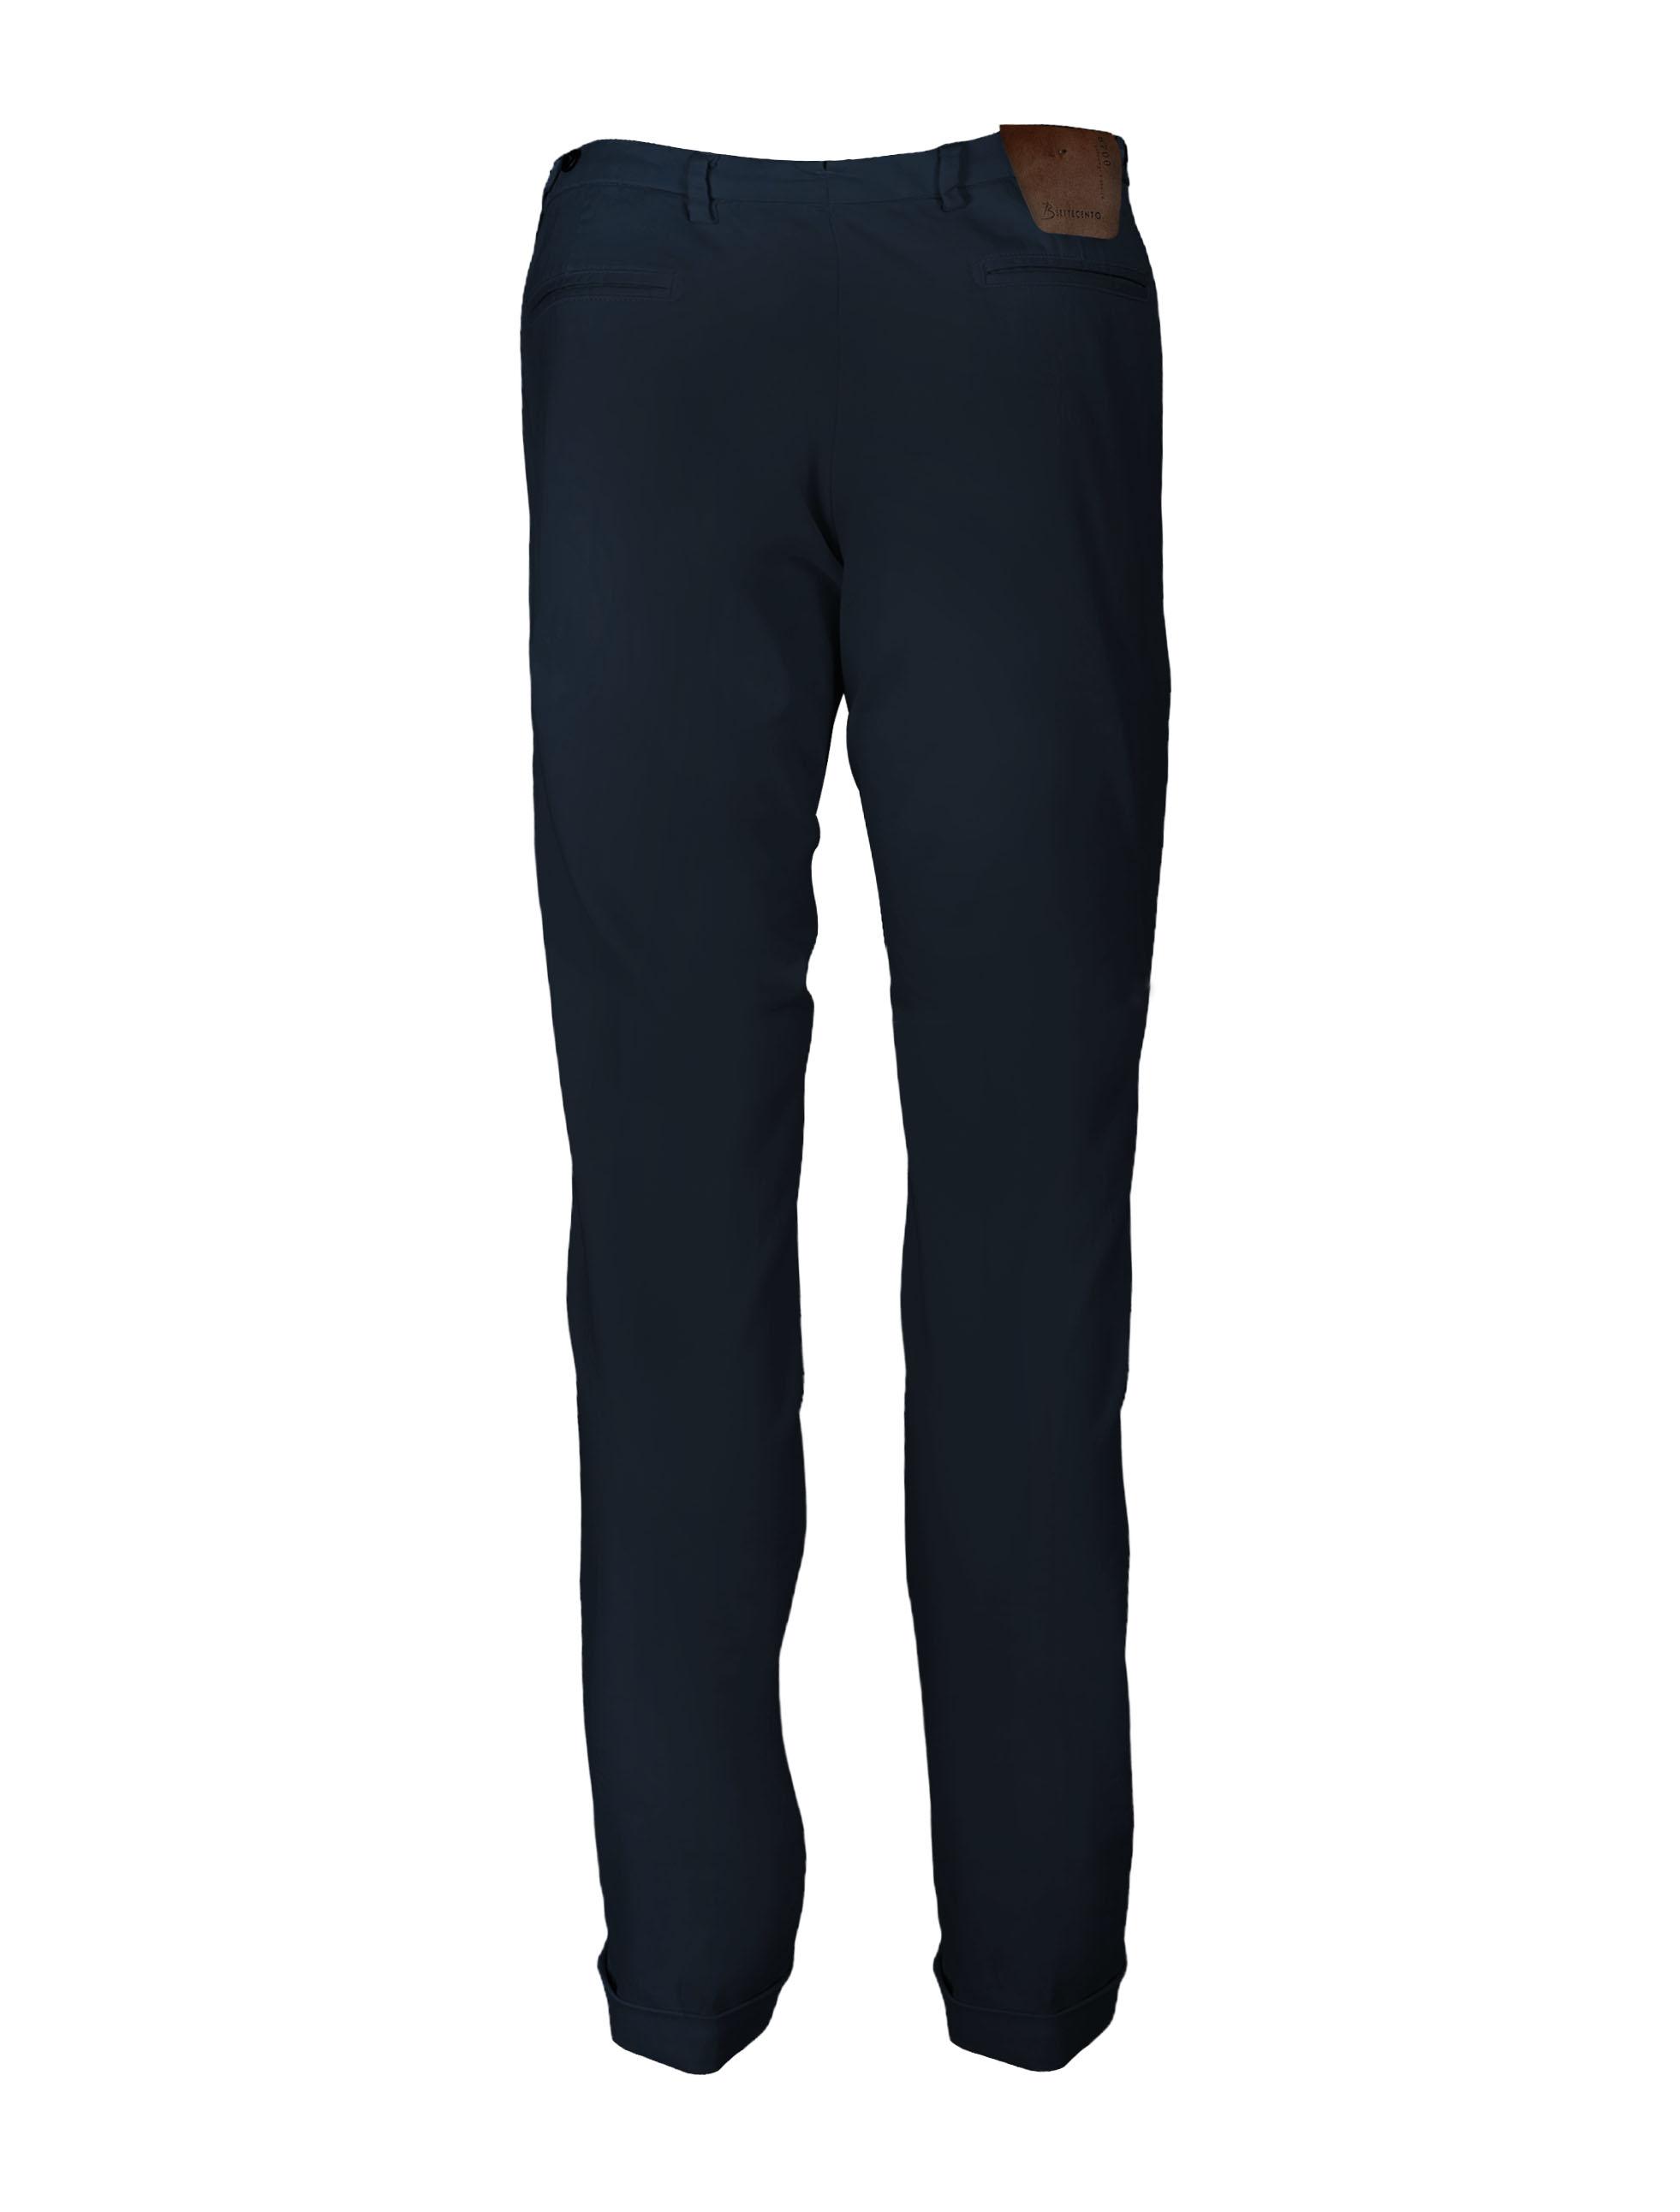 B700 | Pantaloni | MH713 202991